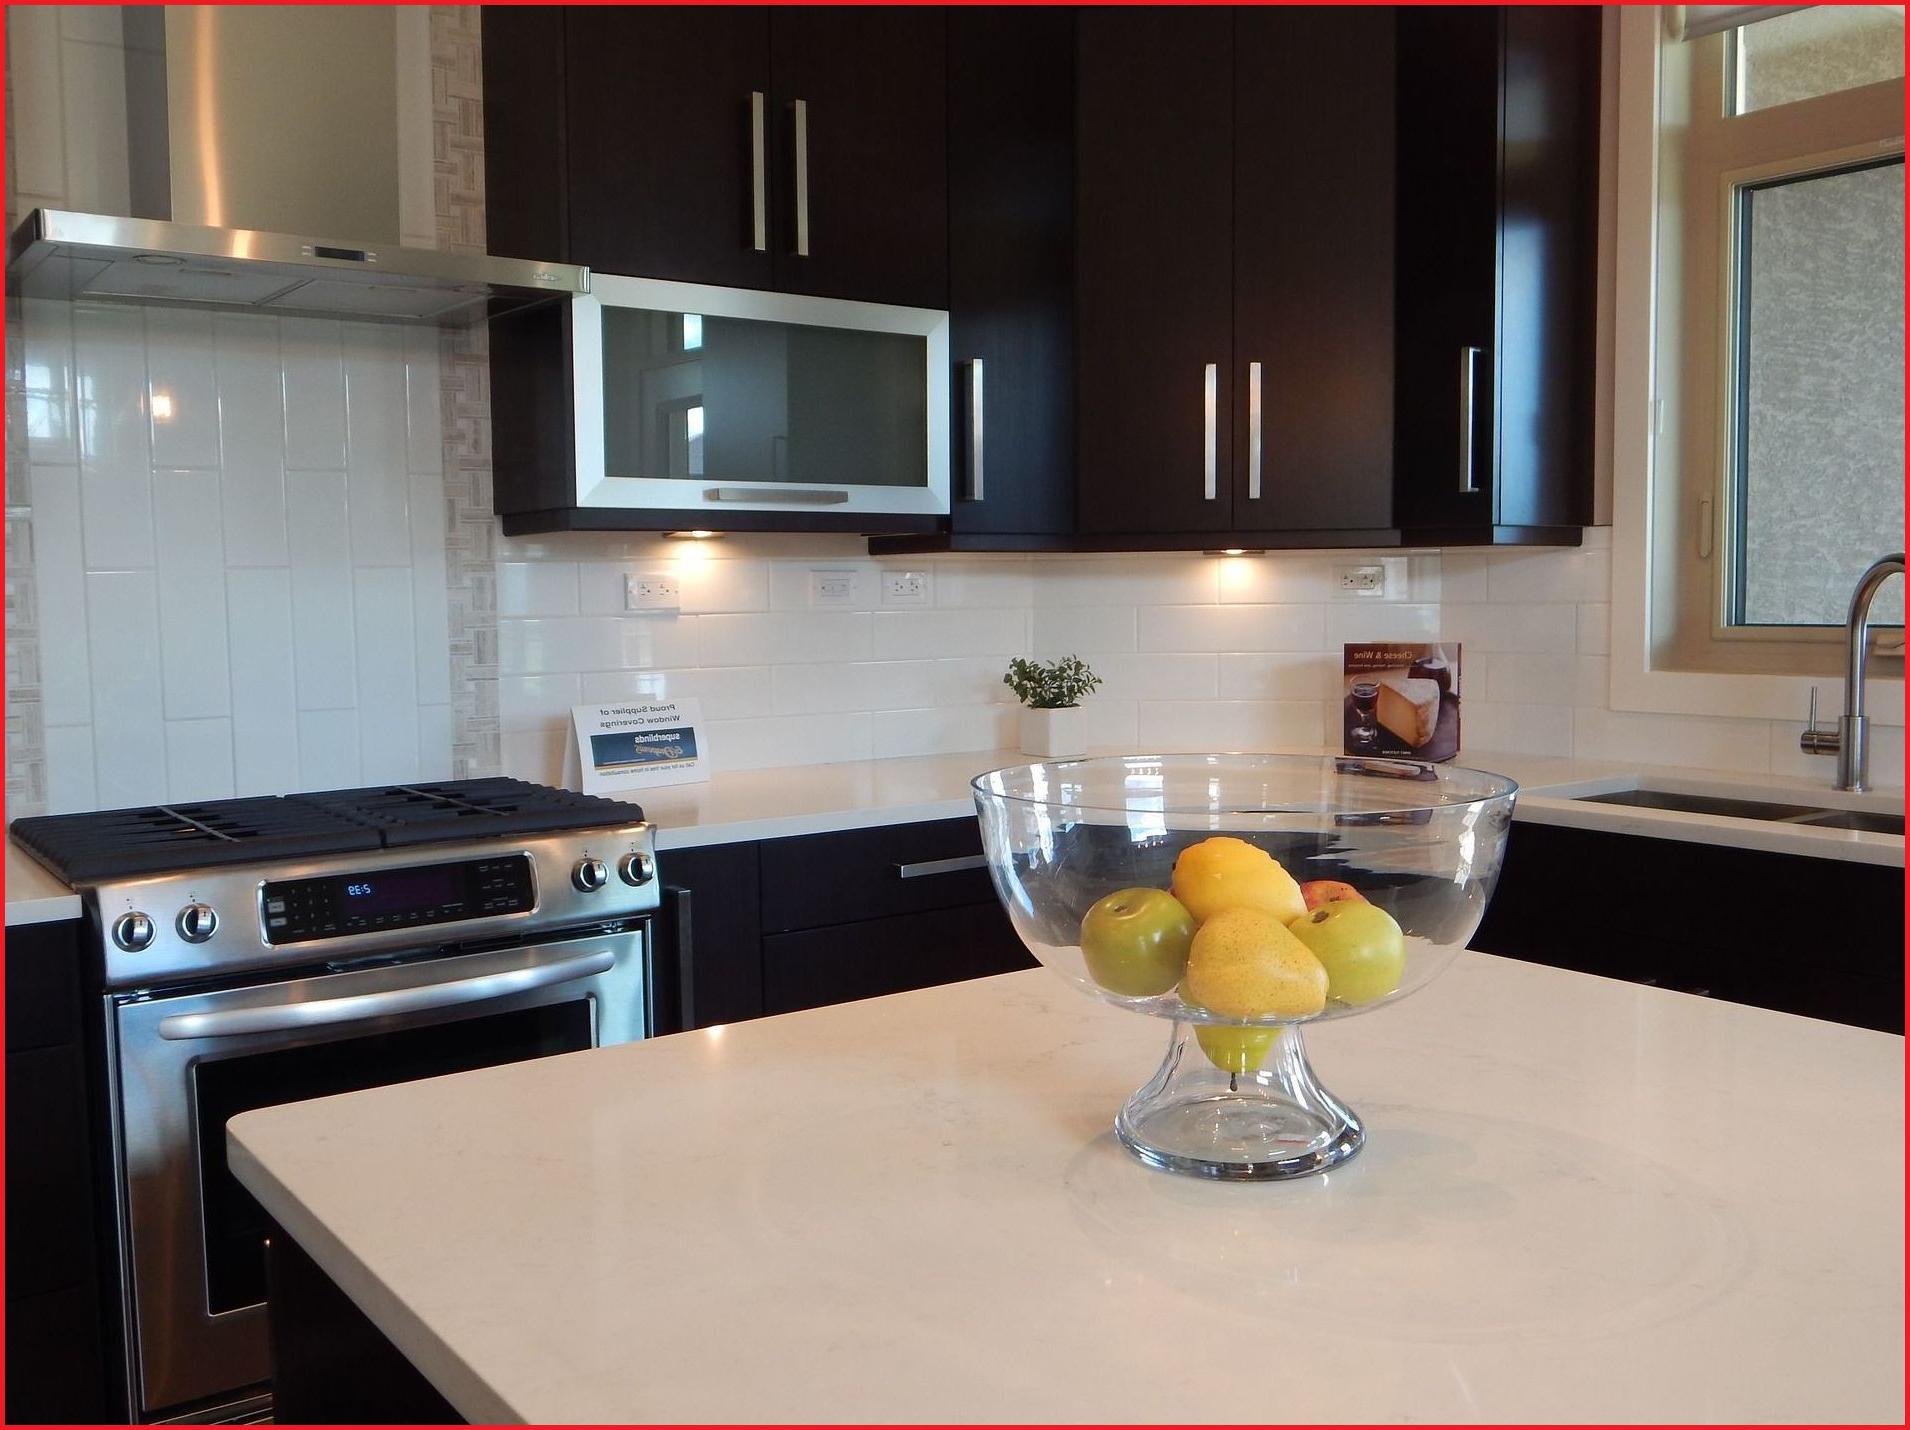 Muebles De Cocina Tenerife Tqd3 Muebles De Cocina En Tenerife Muebles De Cocina En Tenerife A